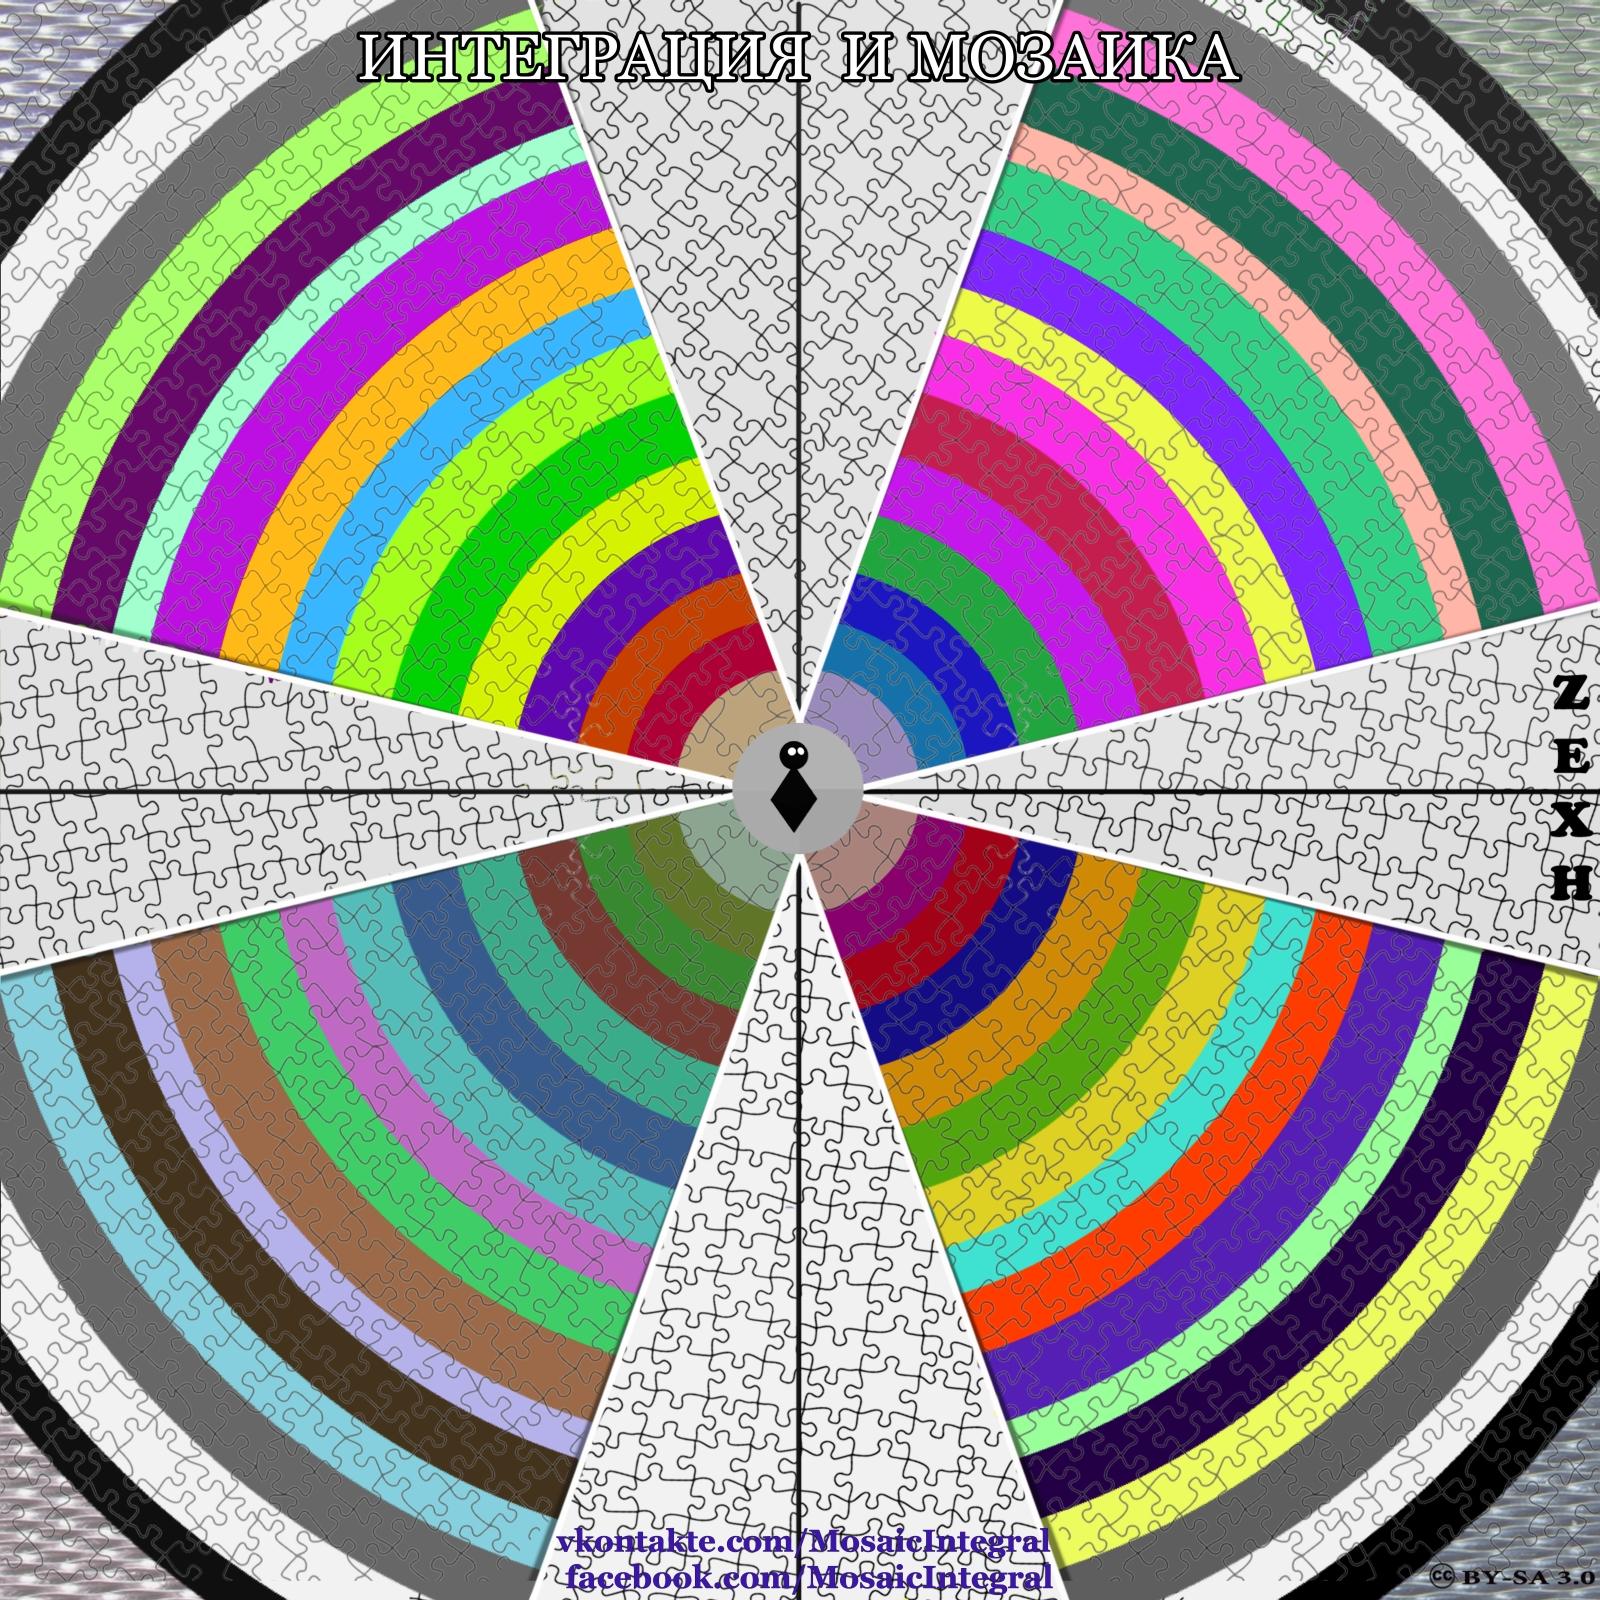 интегральный подход - мозаичный подход: альтернативные спектры развития